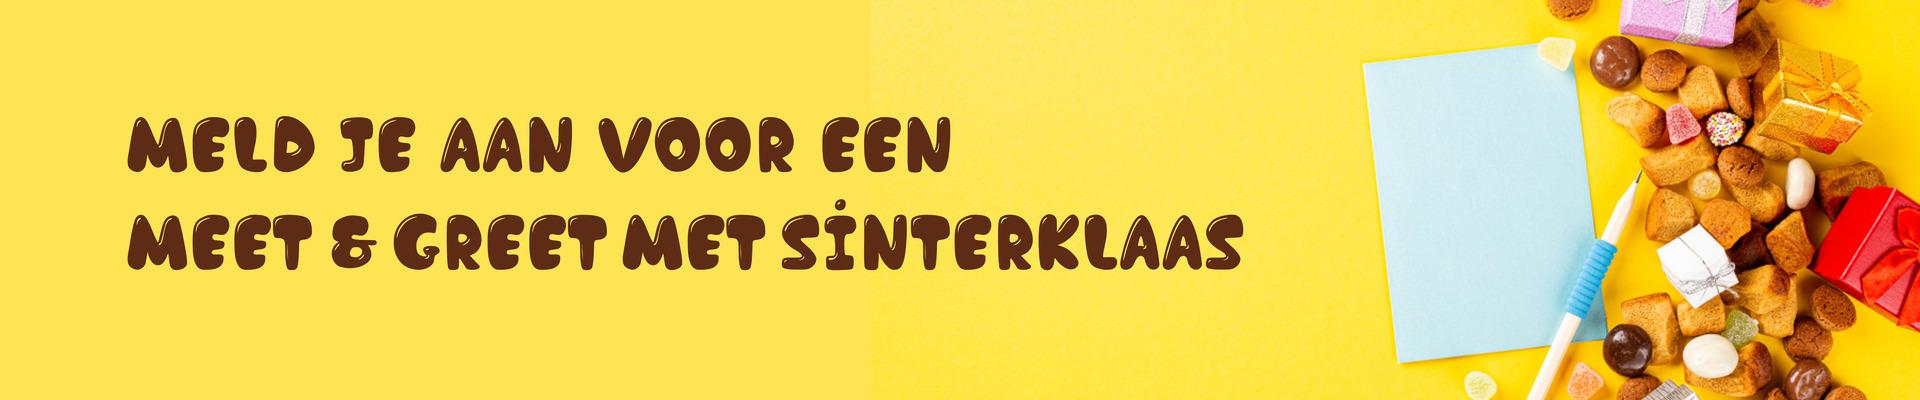 Sinterklaas Meet & Greet